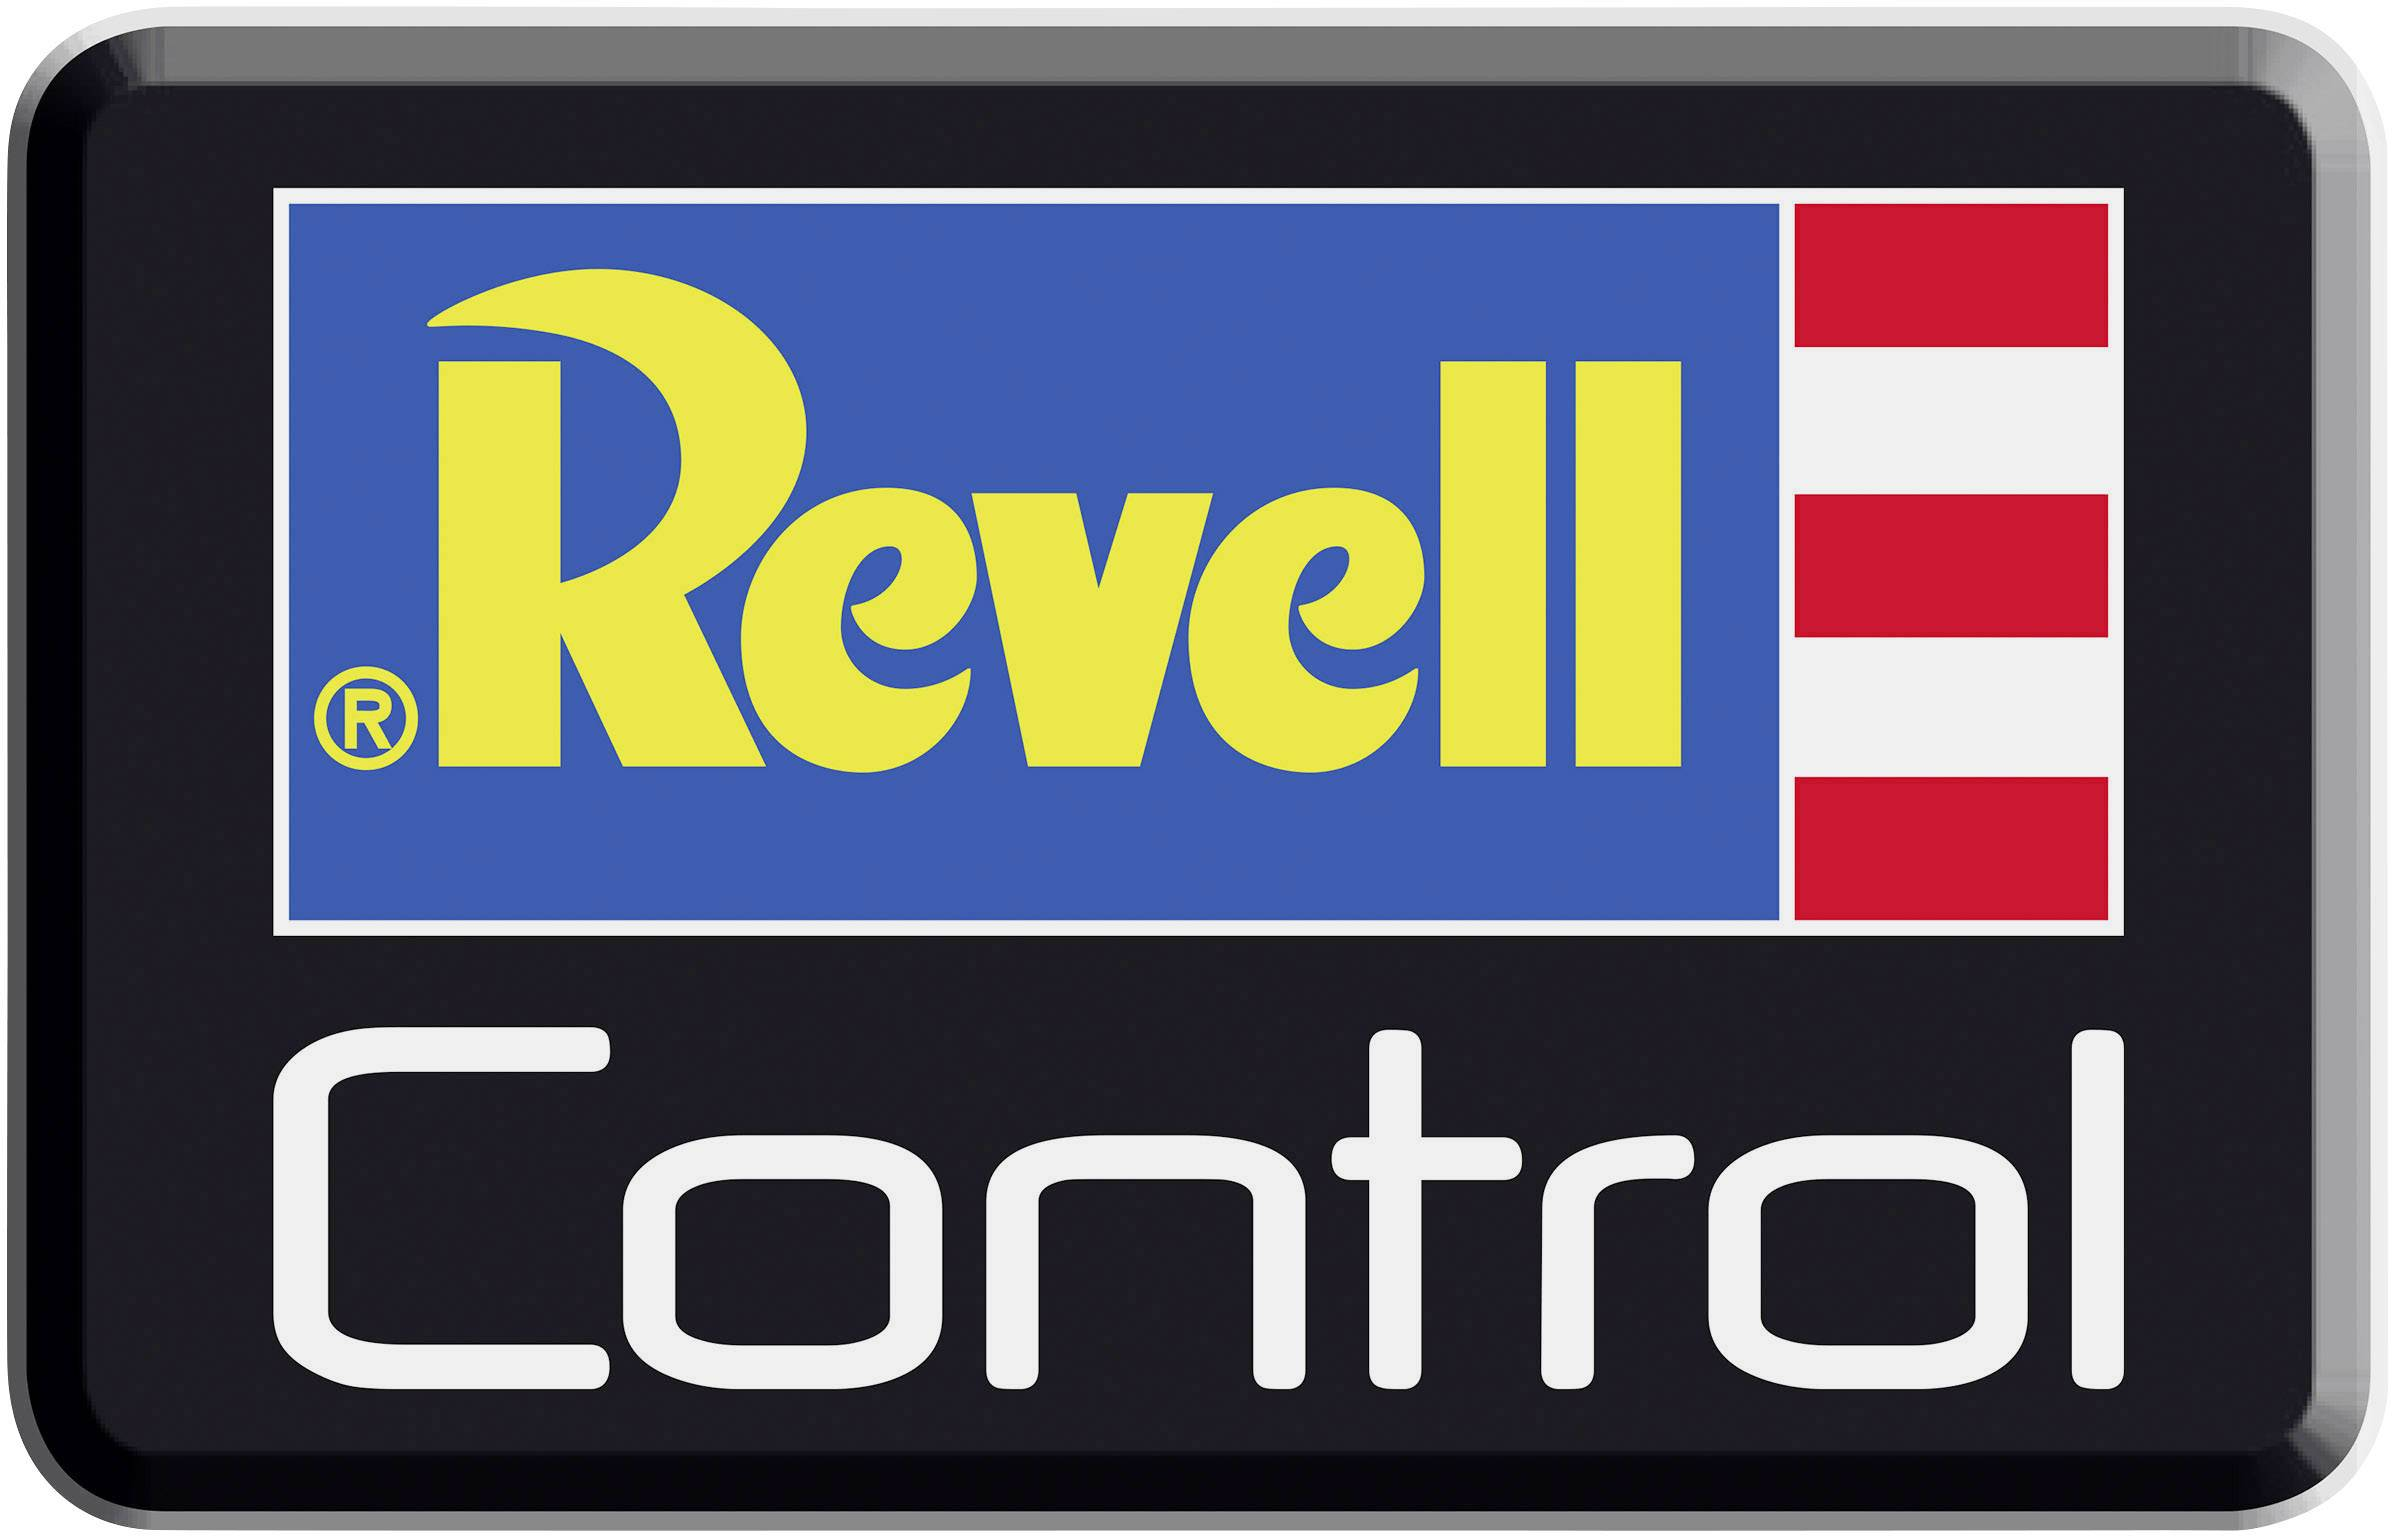 Revell Control Kopač 2.0 1:16 rc funkcijski model za početnike građevinsko vozilo